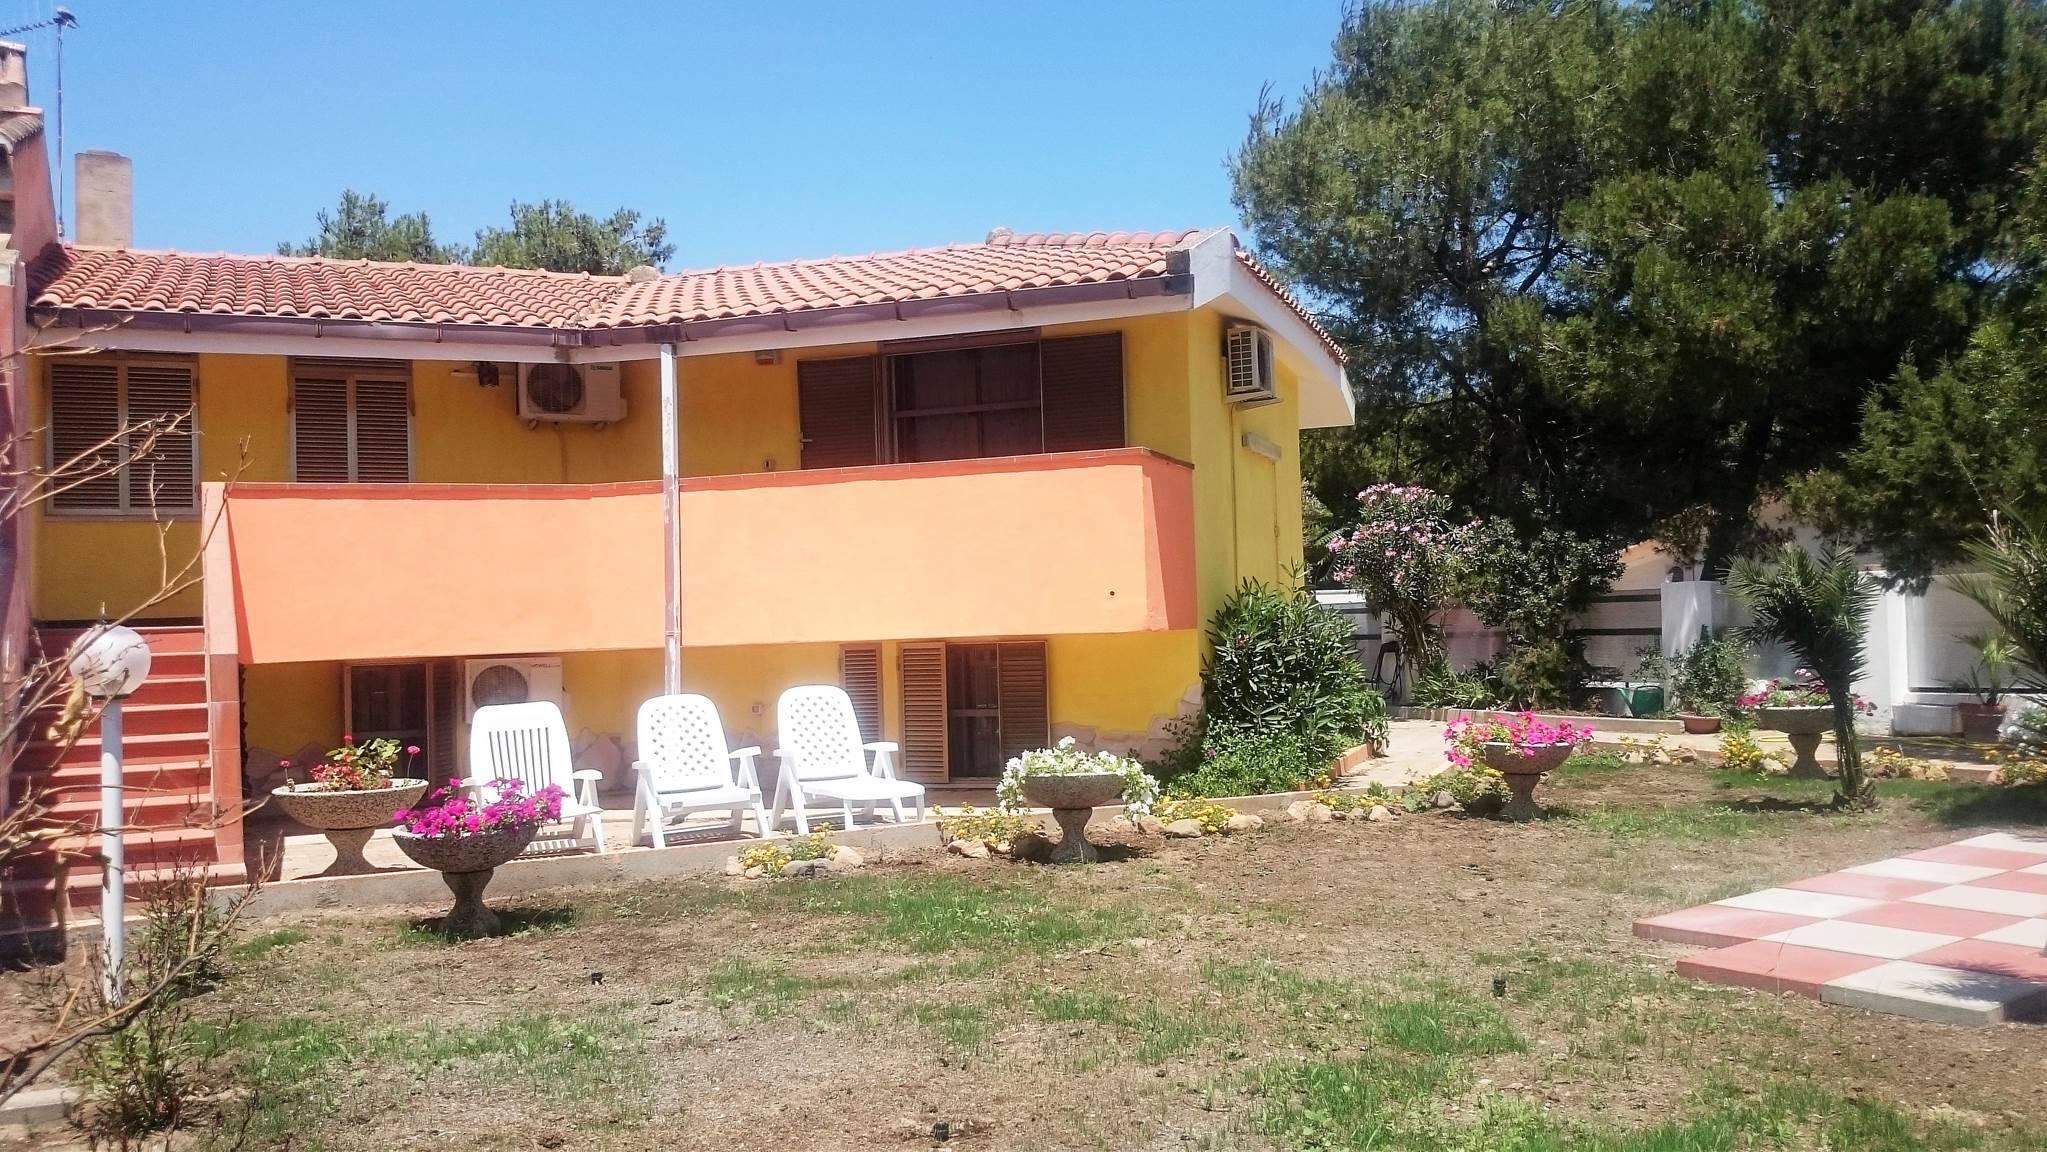 scrapeo sardinien ferienhaus direkt am meer von porto pino. Black Bedroom Furniture Sets. Home Design Ideas